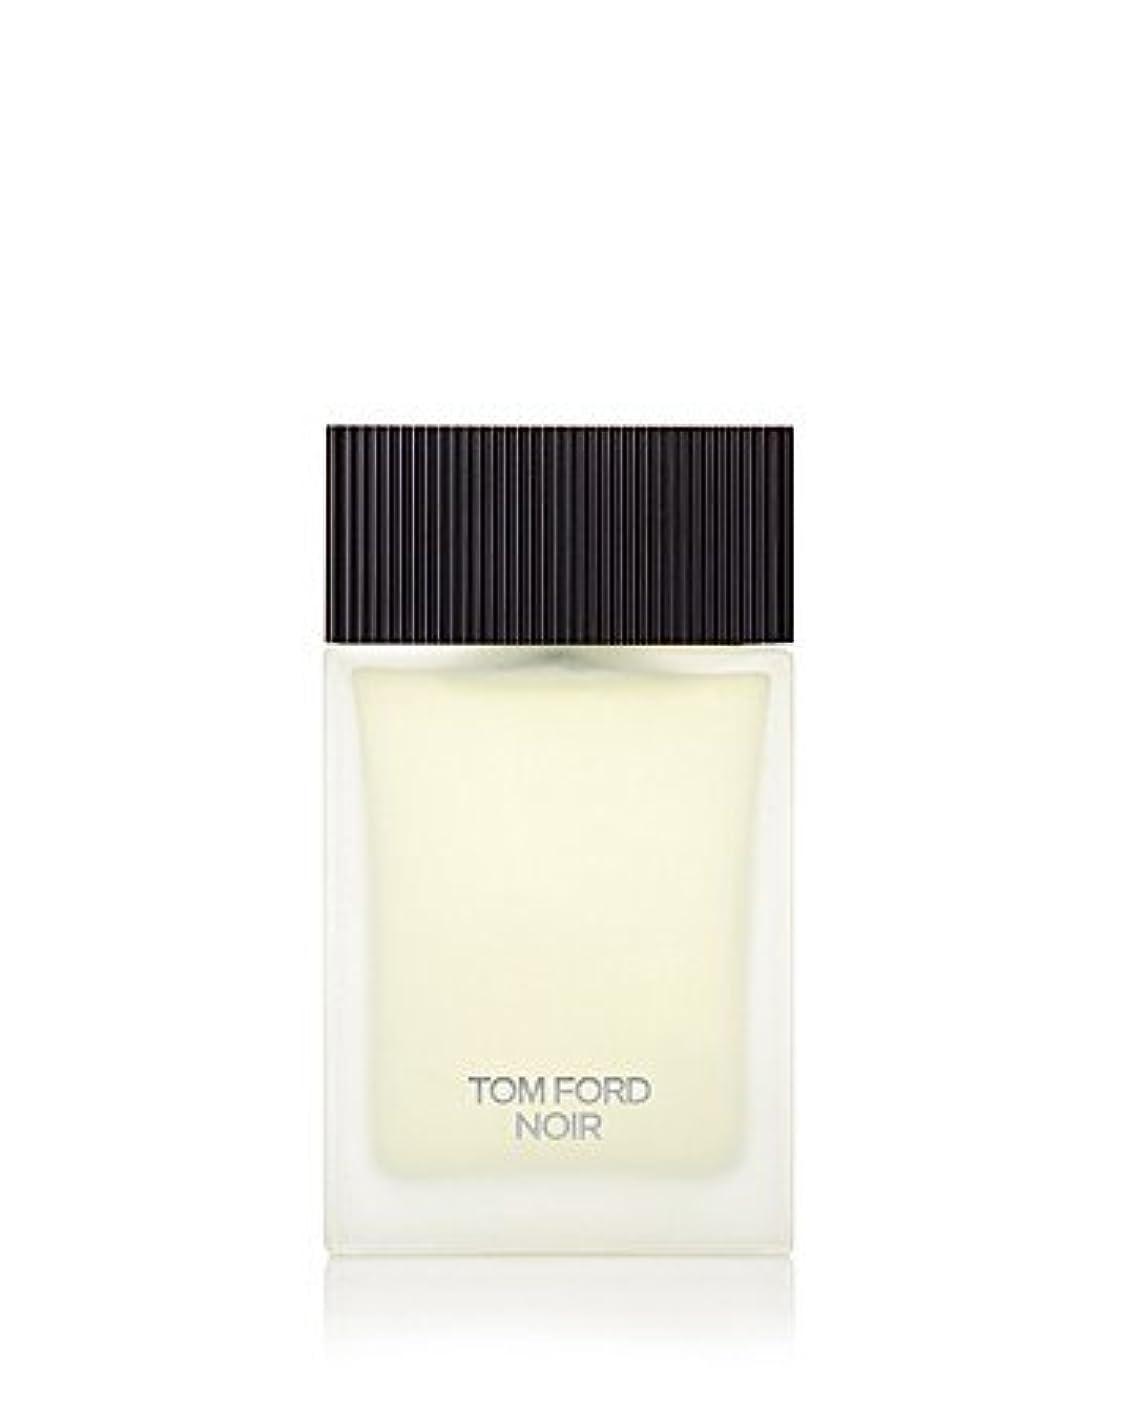 肉屋雨アノイTom Ford 'Noir' (トムフォード ノワール) 1.7 oz (50ml) EDT Spray for Men